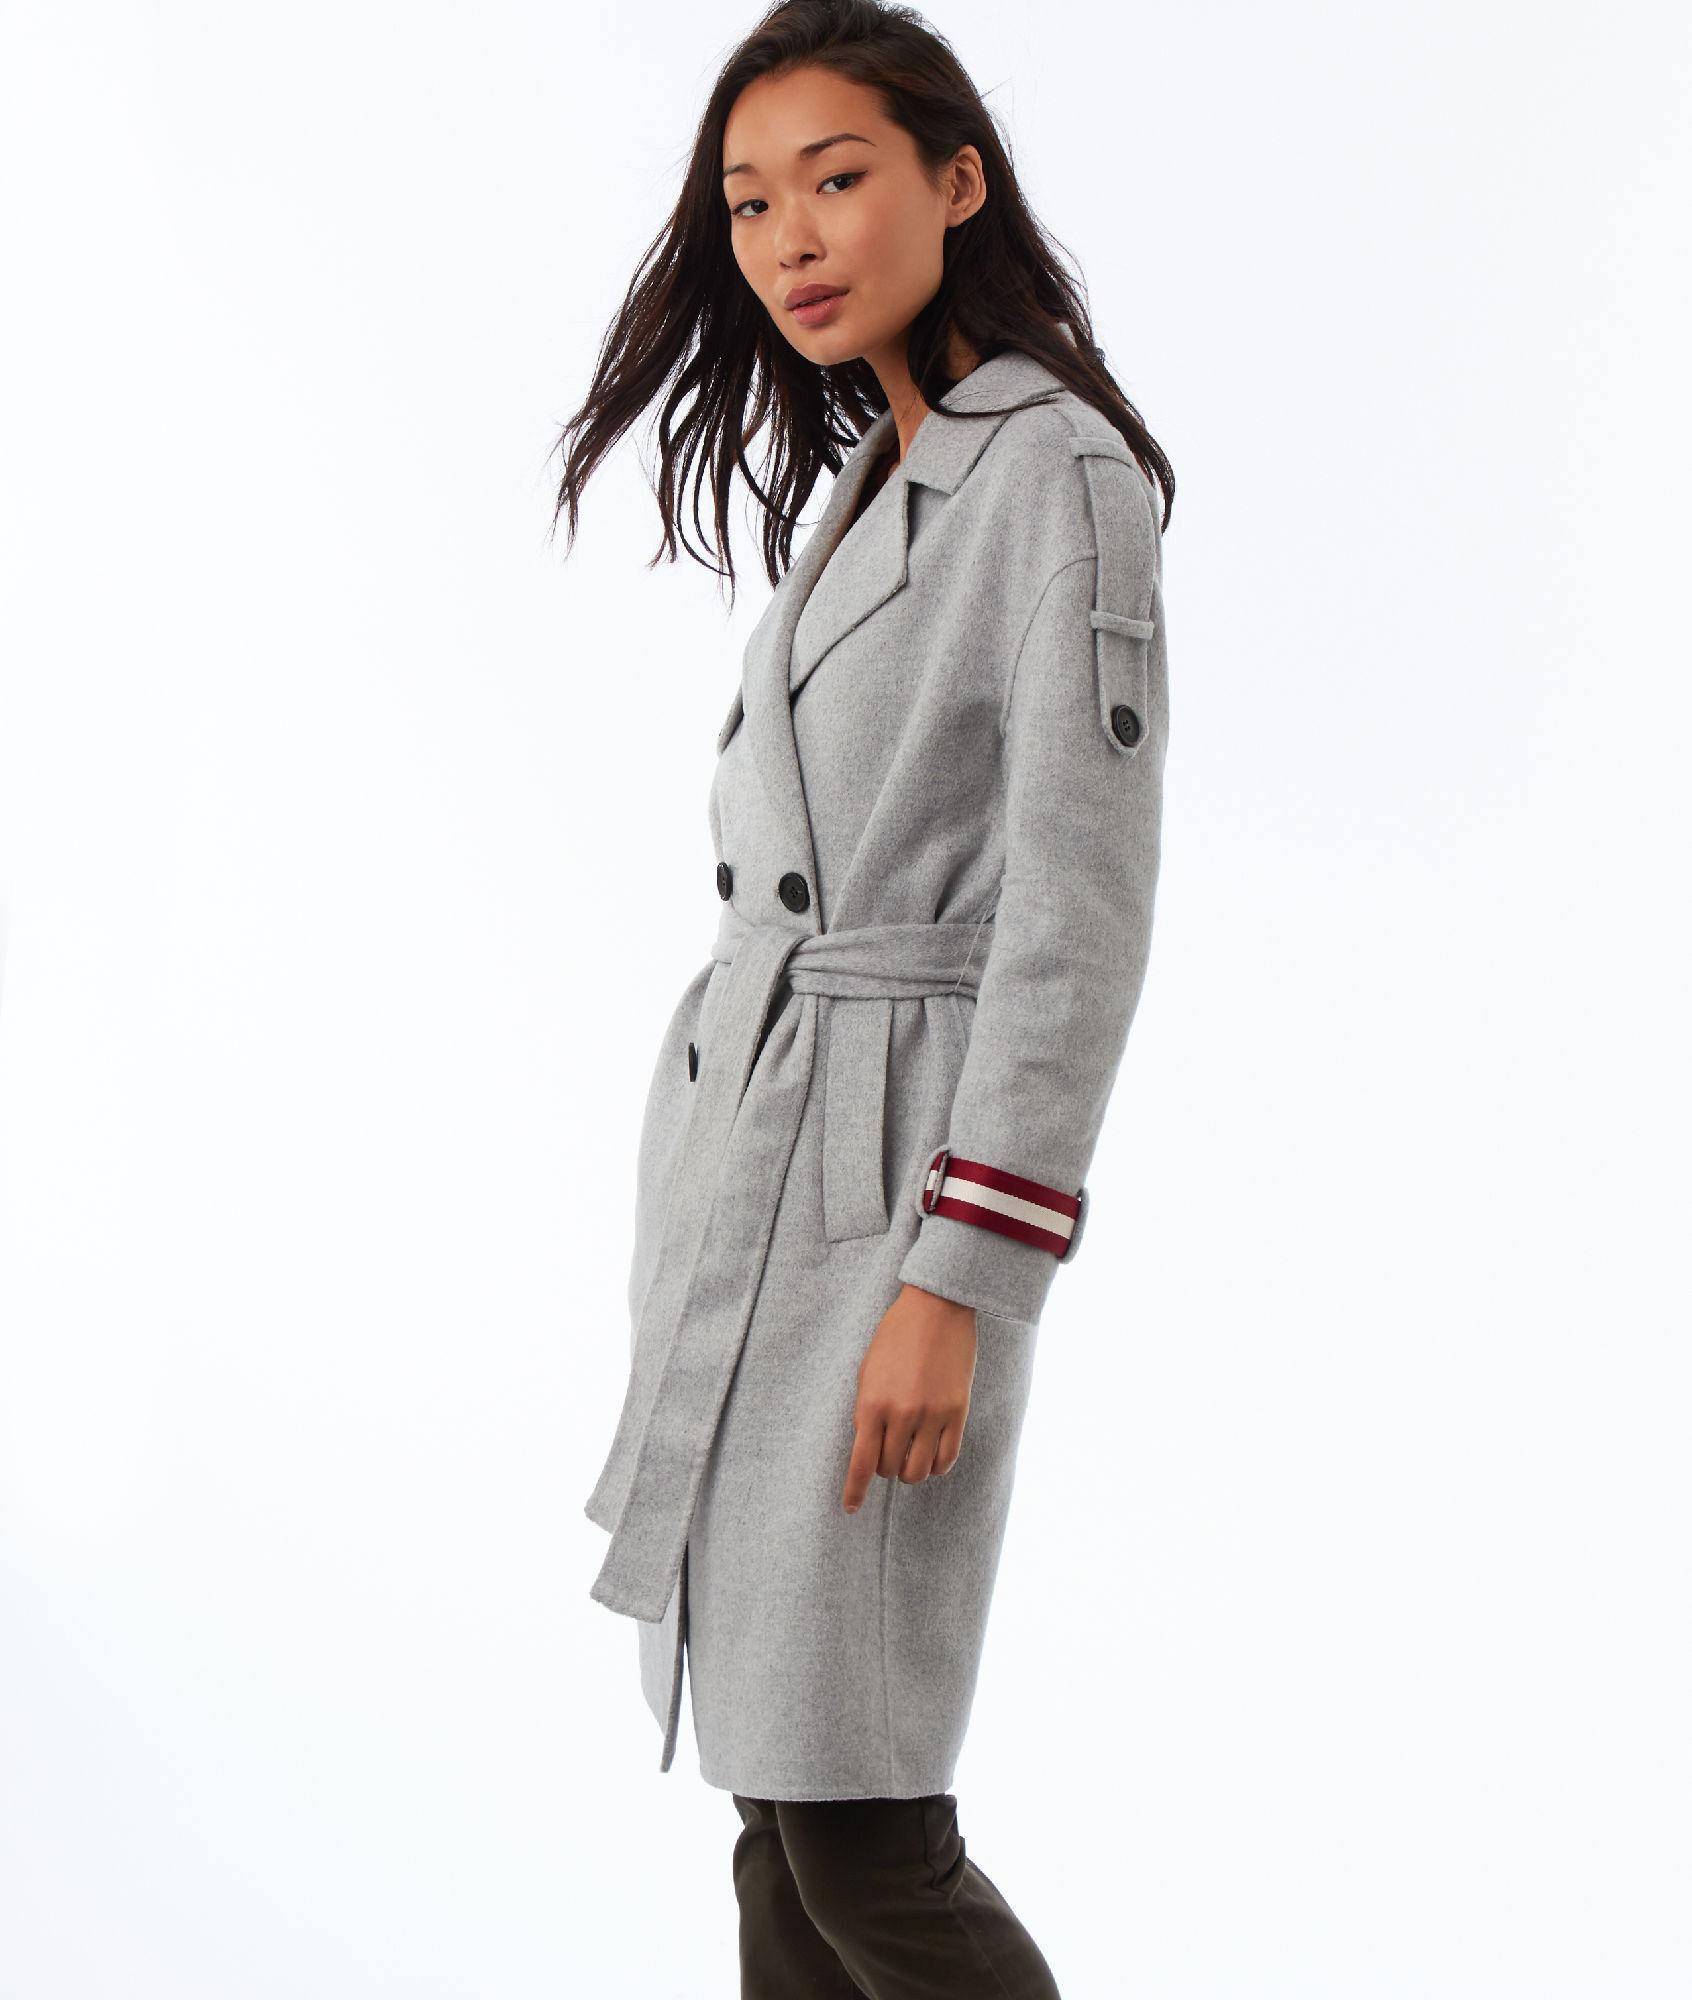 meilleures baskets 8ec5c ff665 Manteau long hiver etam femme – Vestes élégantes populaires